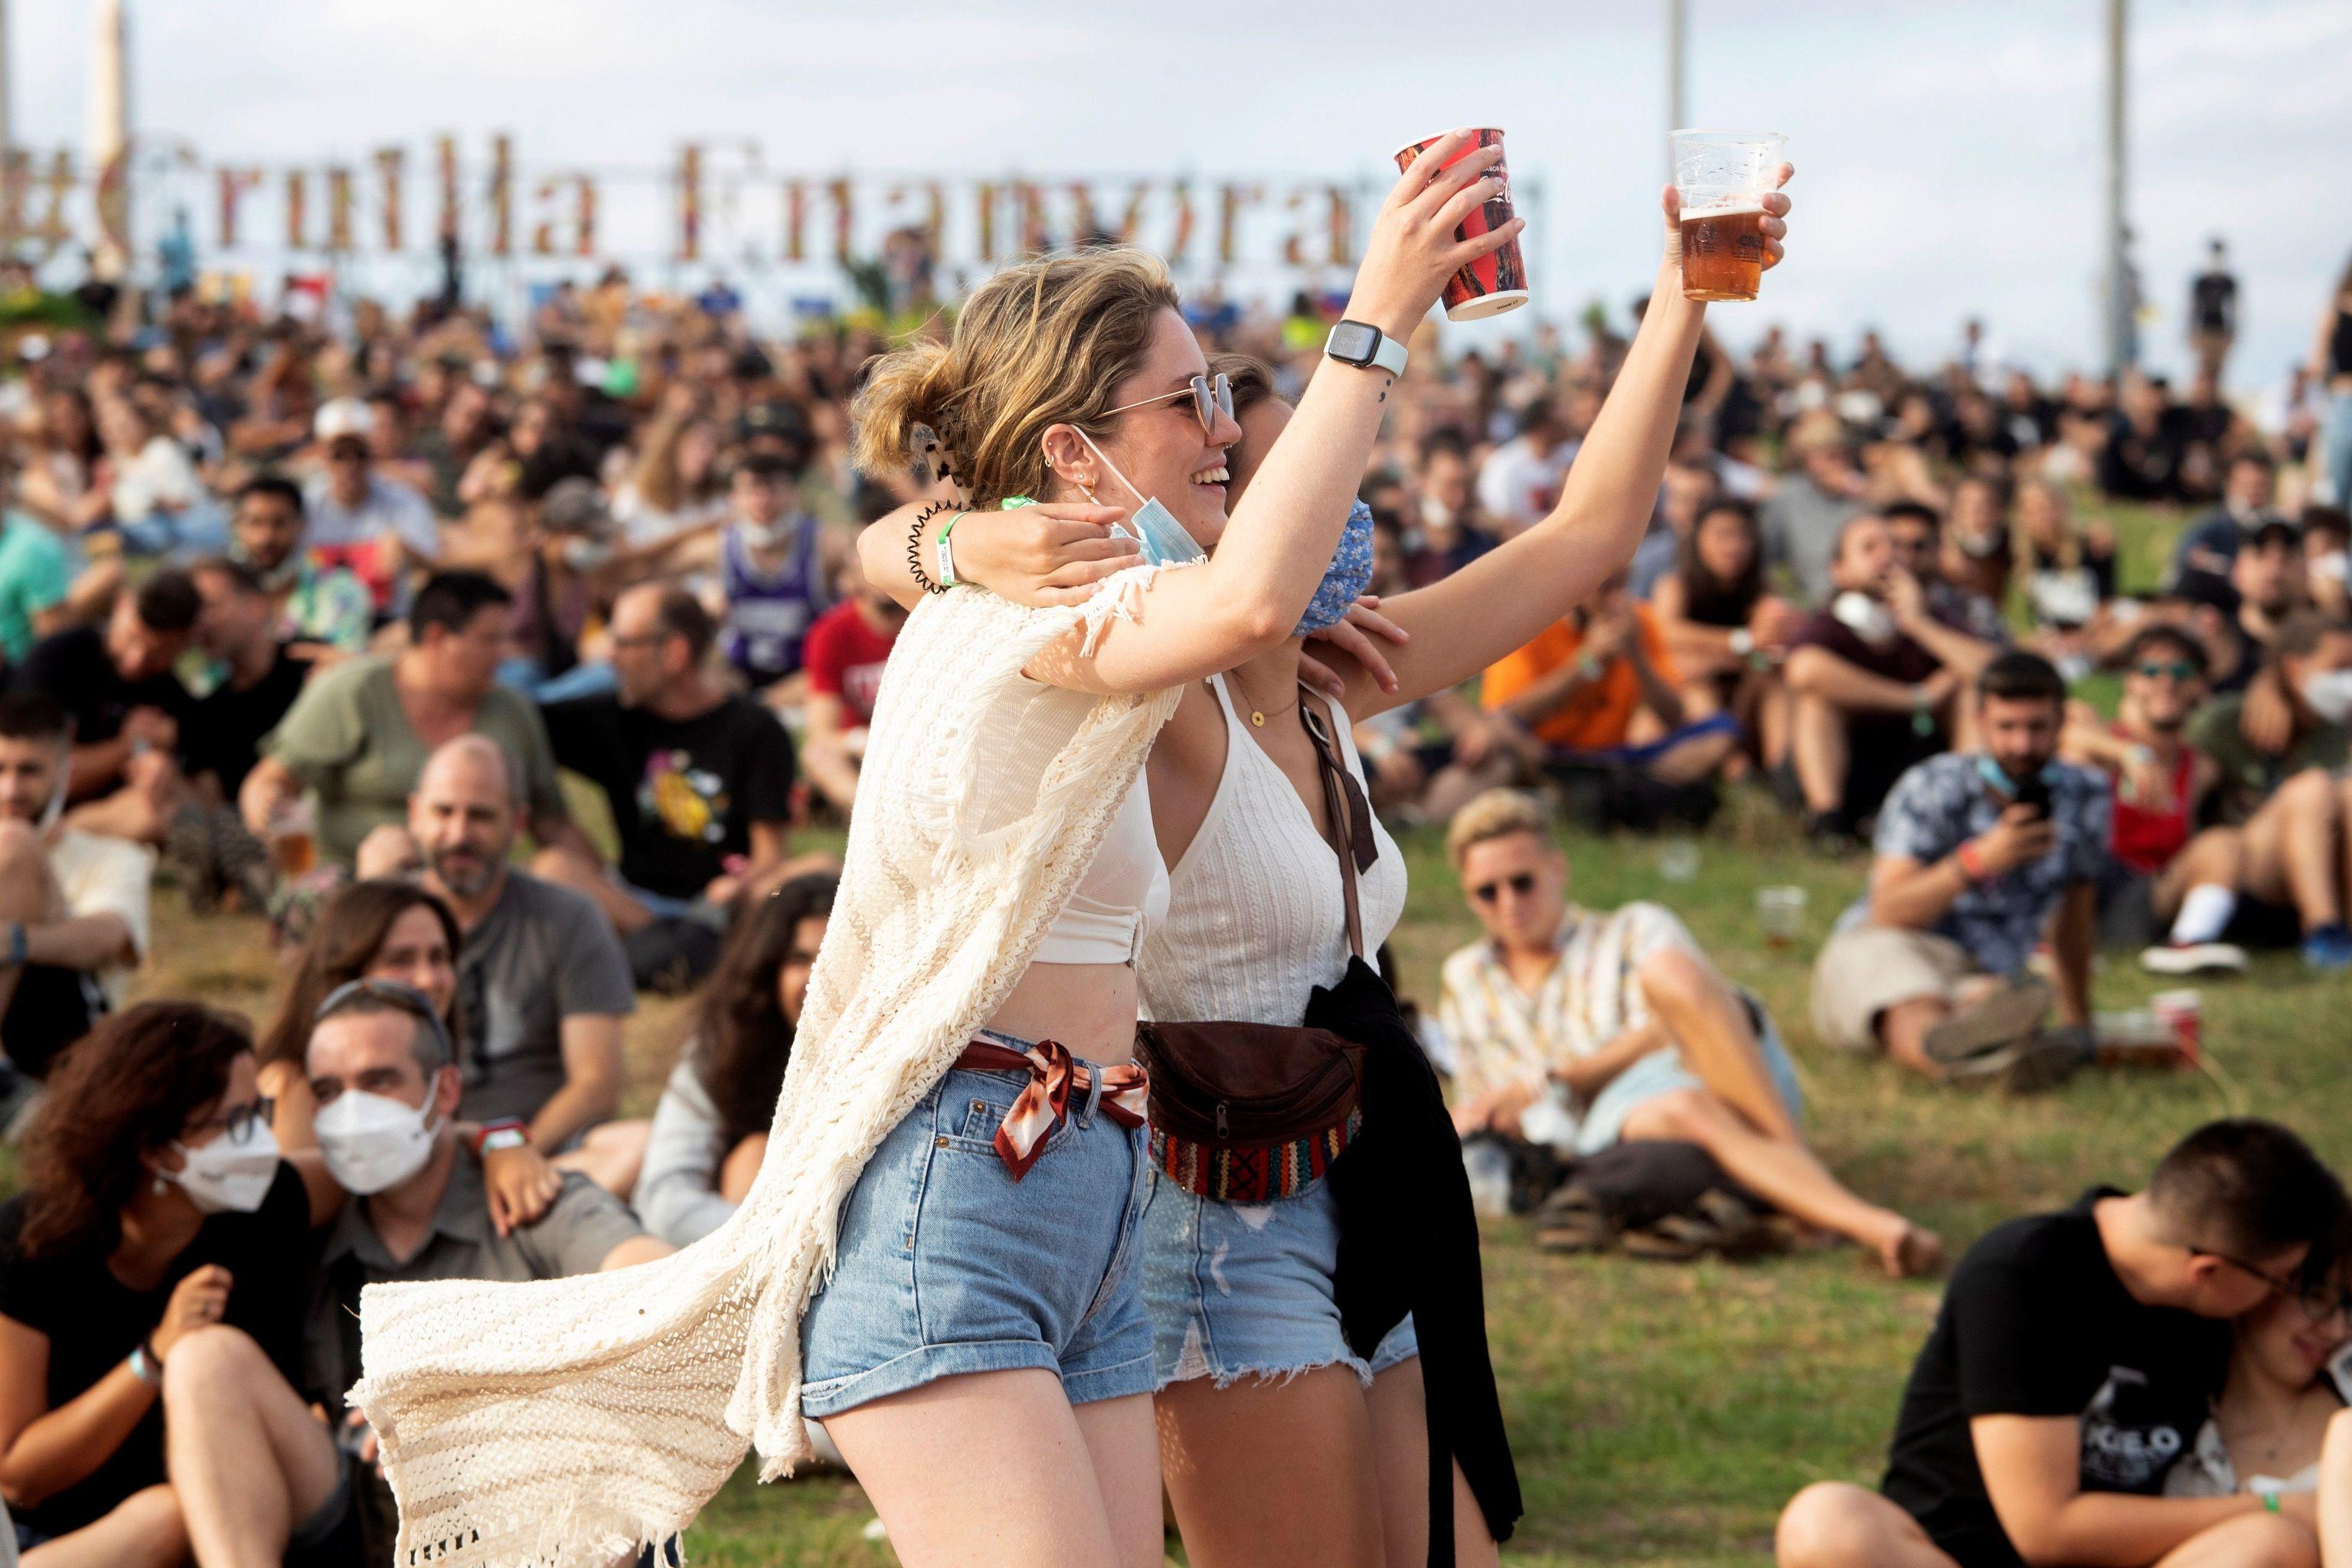 Dos jóvenes disfrutan del festival Cruïlla, donde los 25.000 asistentes se sometieron a un test de antígenos para poder asistir a los conciertos.